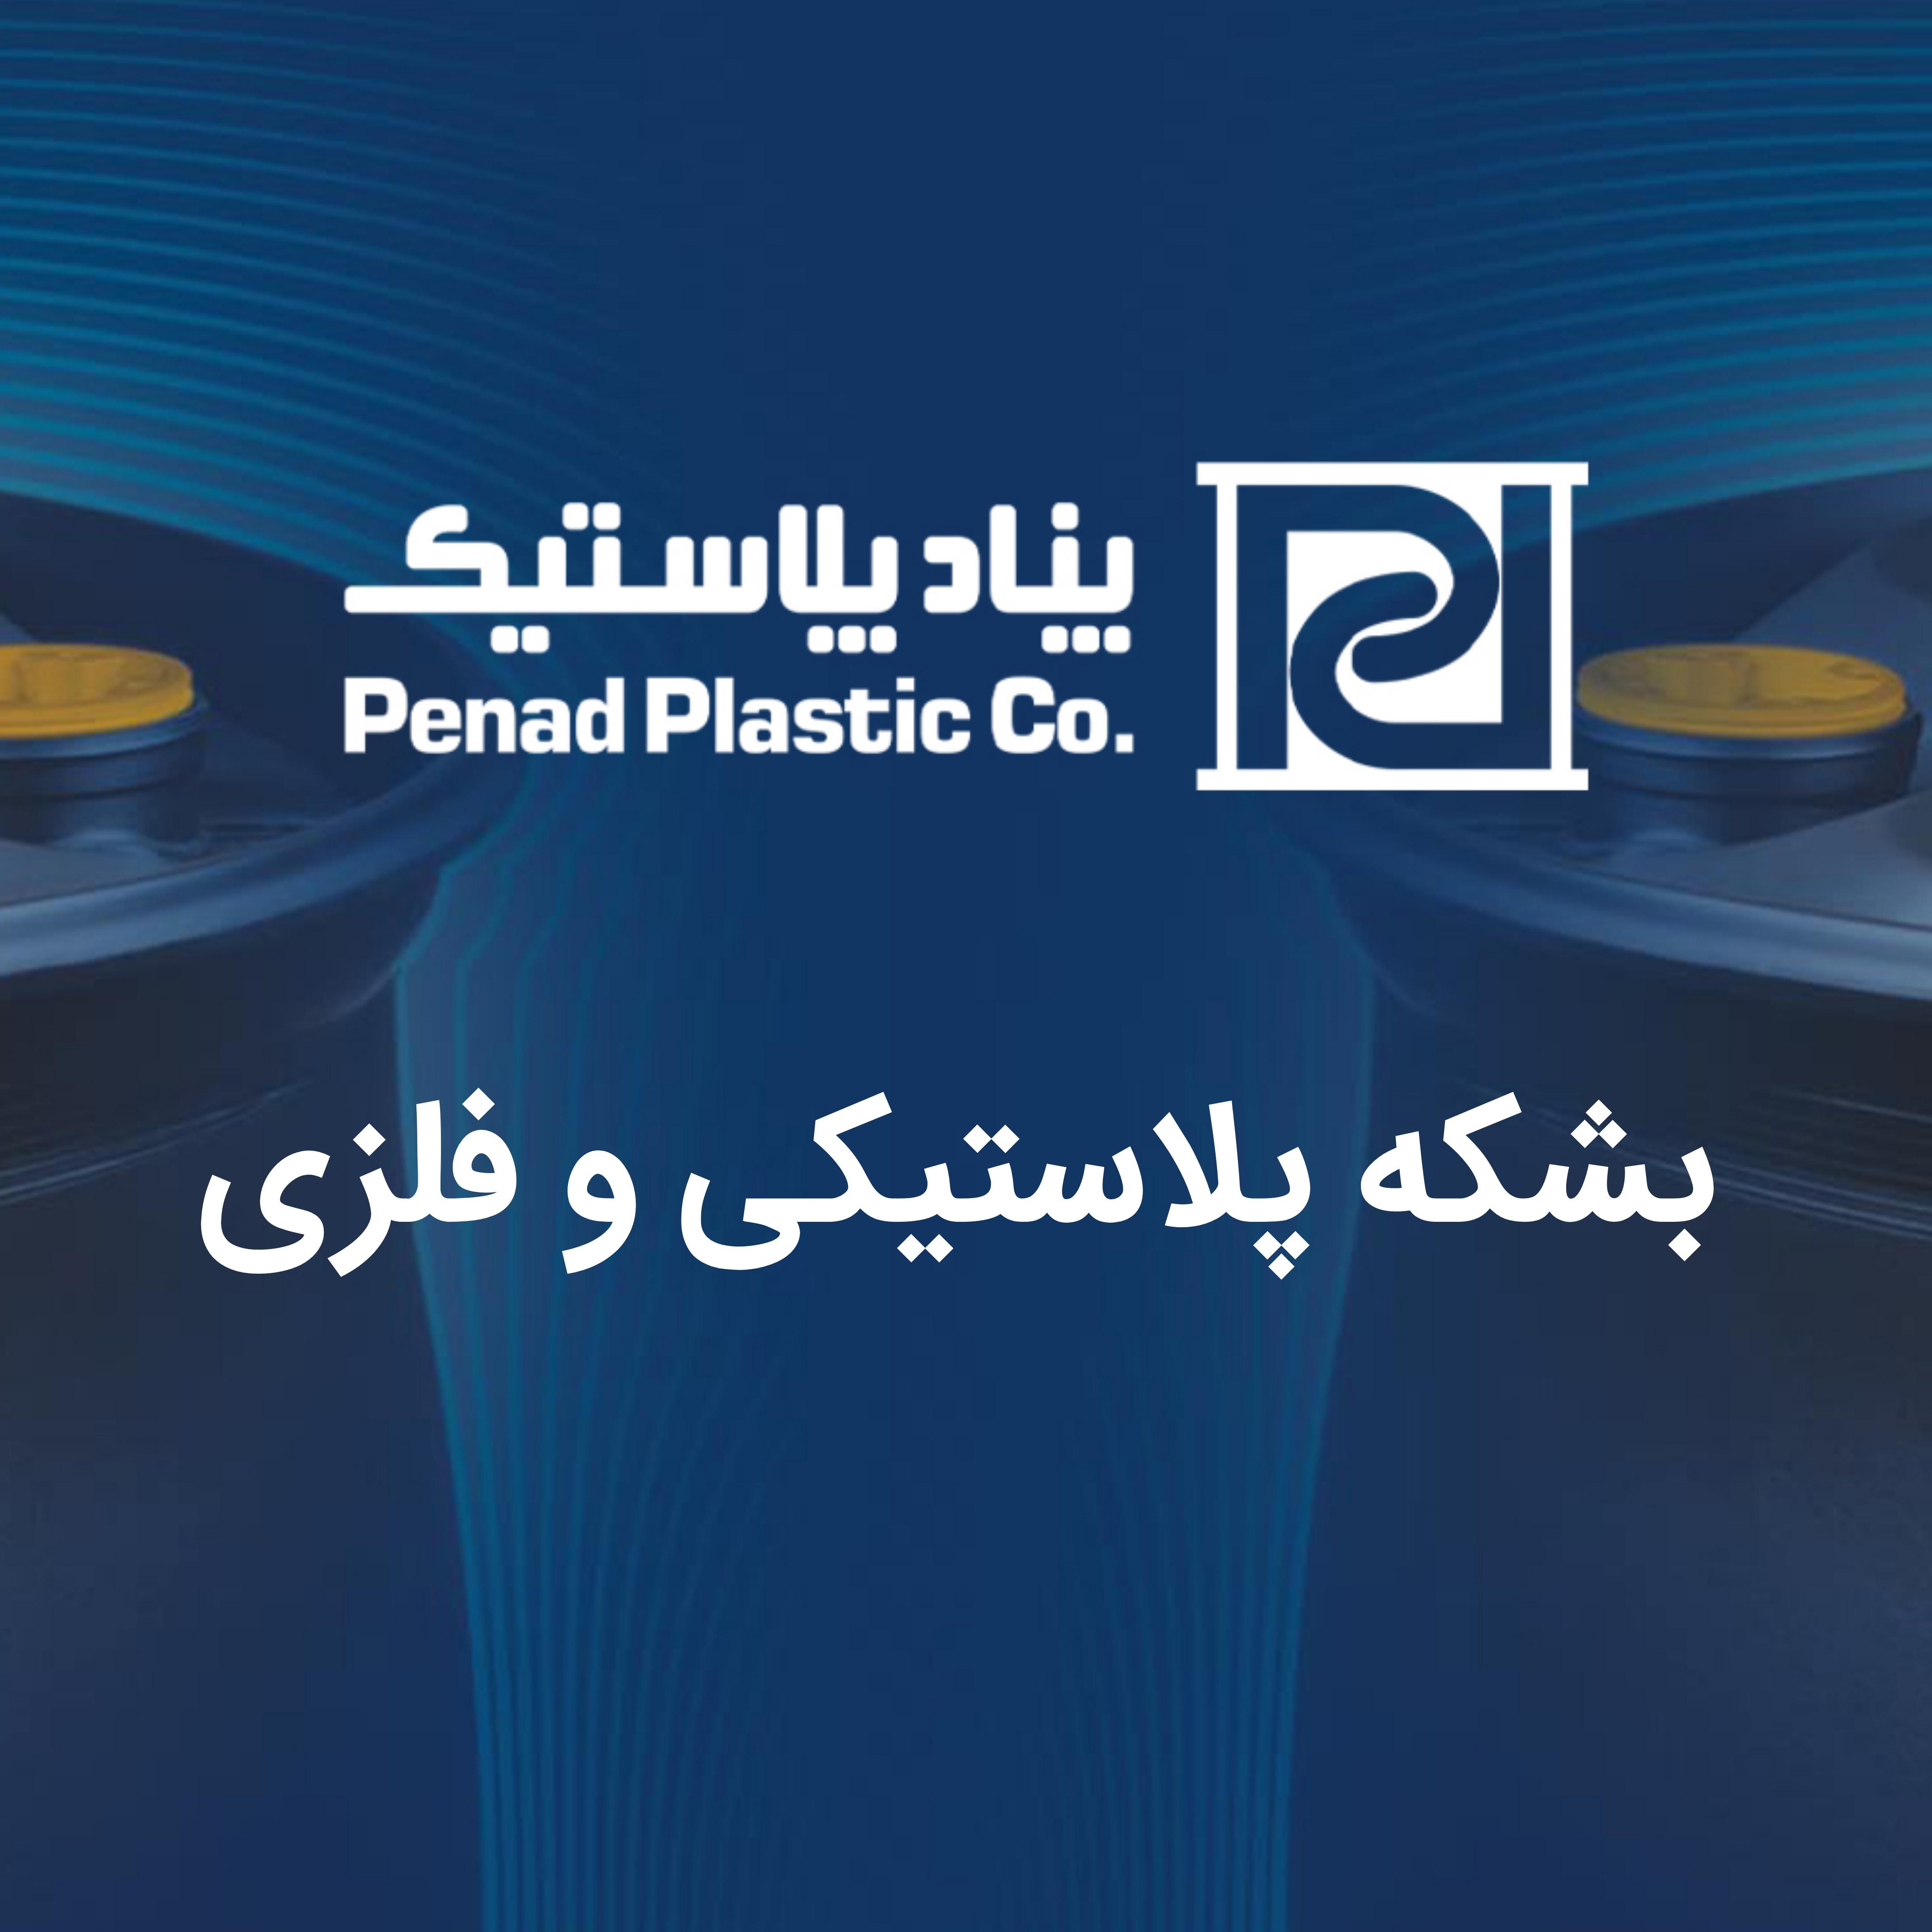 بشکه پلاستیکی و فلزی : انتخاب درست و کاهش هزینه ها